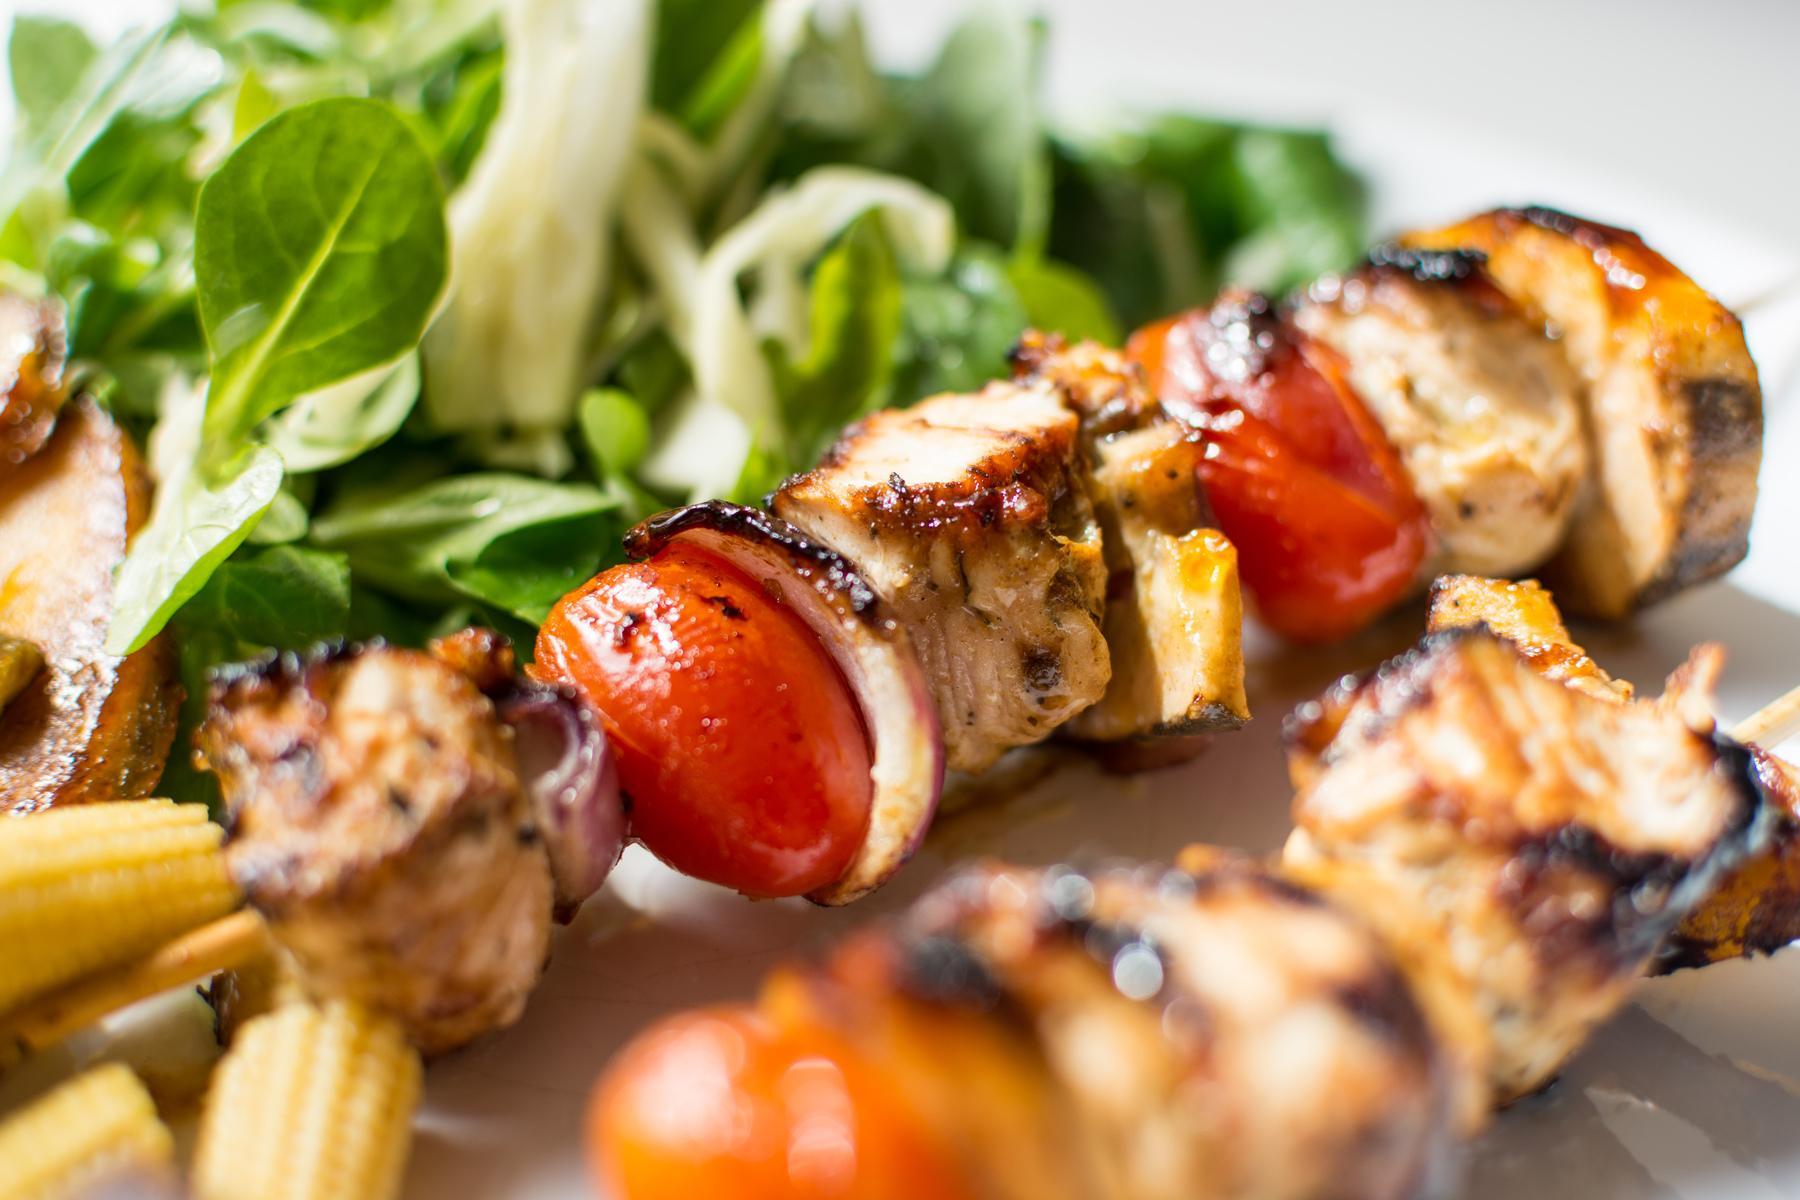 шашлык из свинины на шпажках с овощами